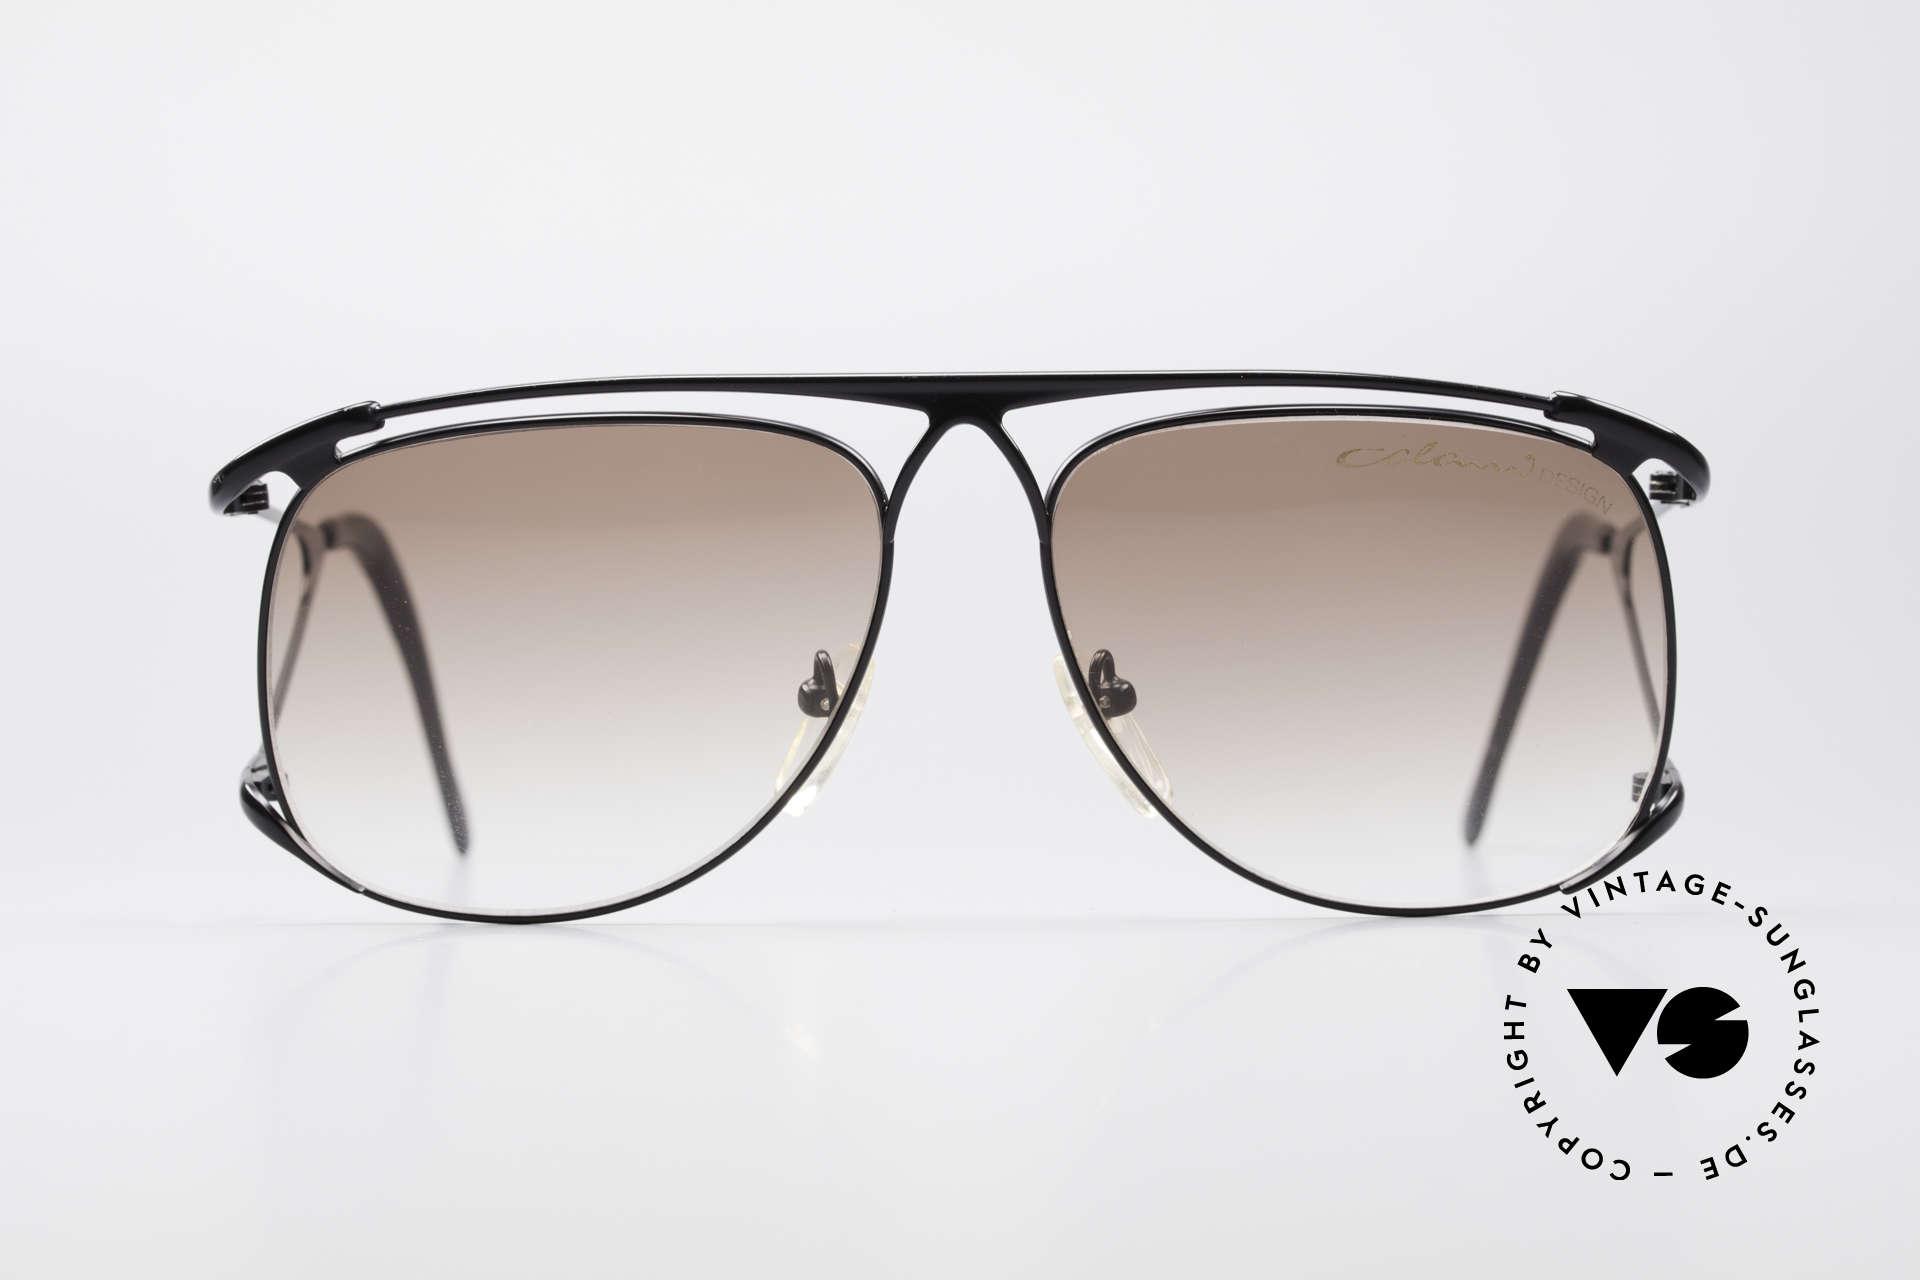 Colani 15-501 Rare 80er Vintage SonnenBrille, stabiler Metall-Rahmen in absoluter Spitzen-Qualität, Passend für Herren